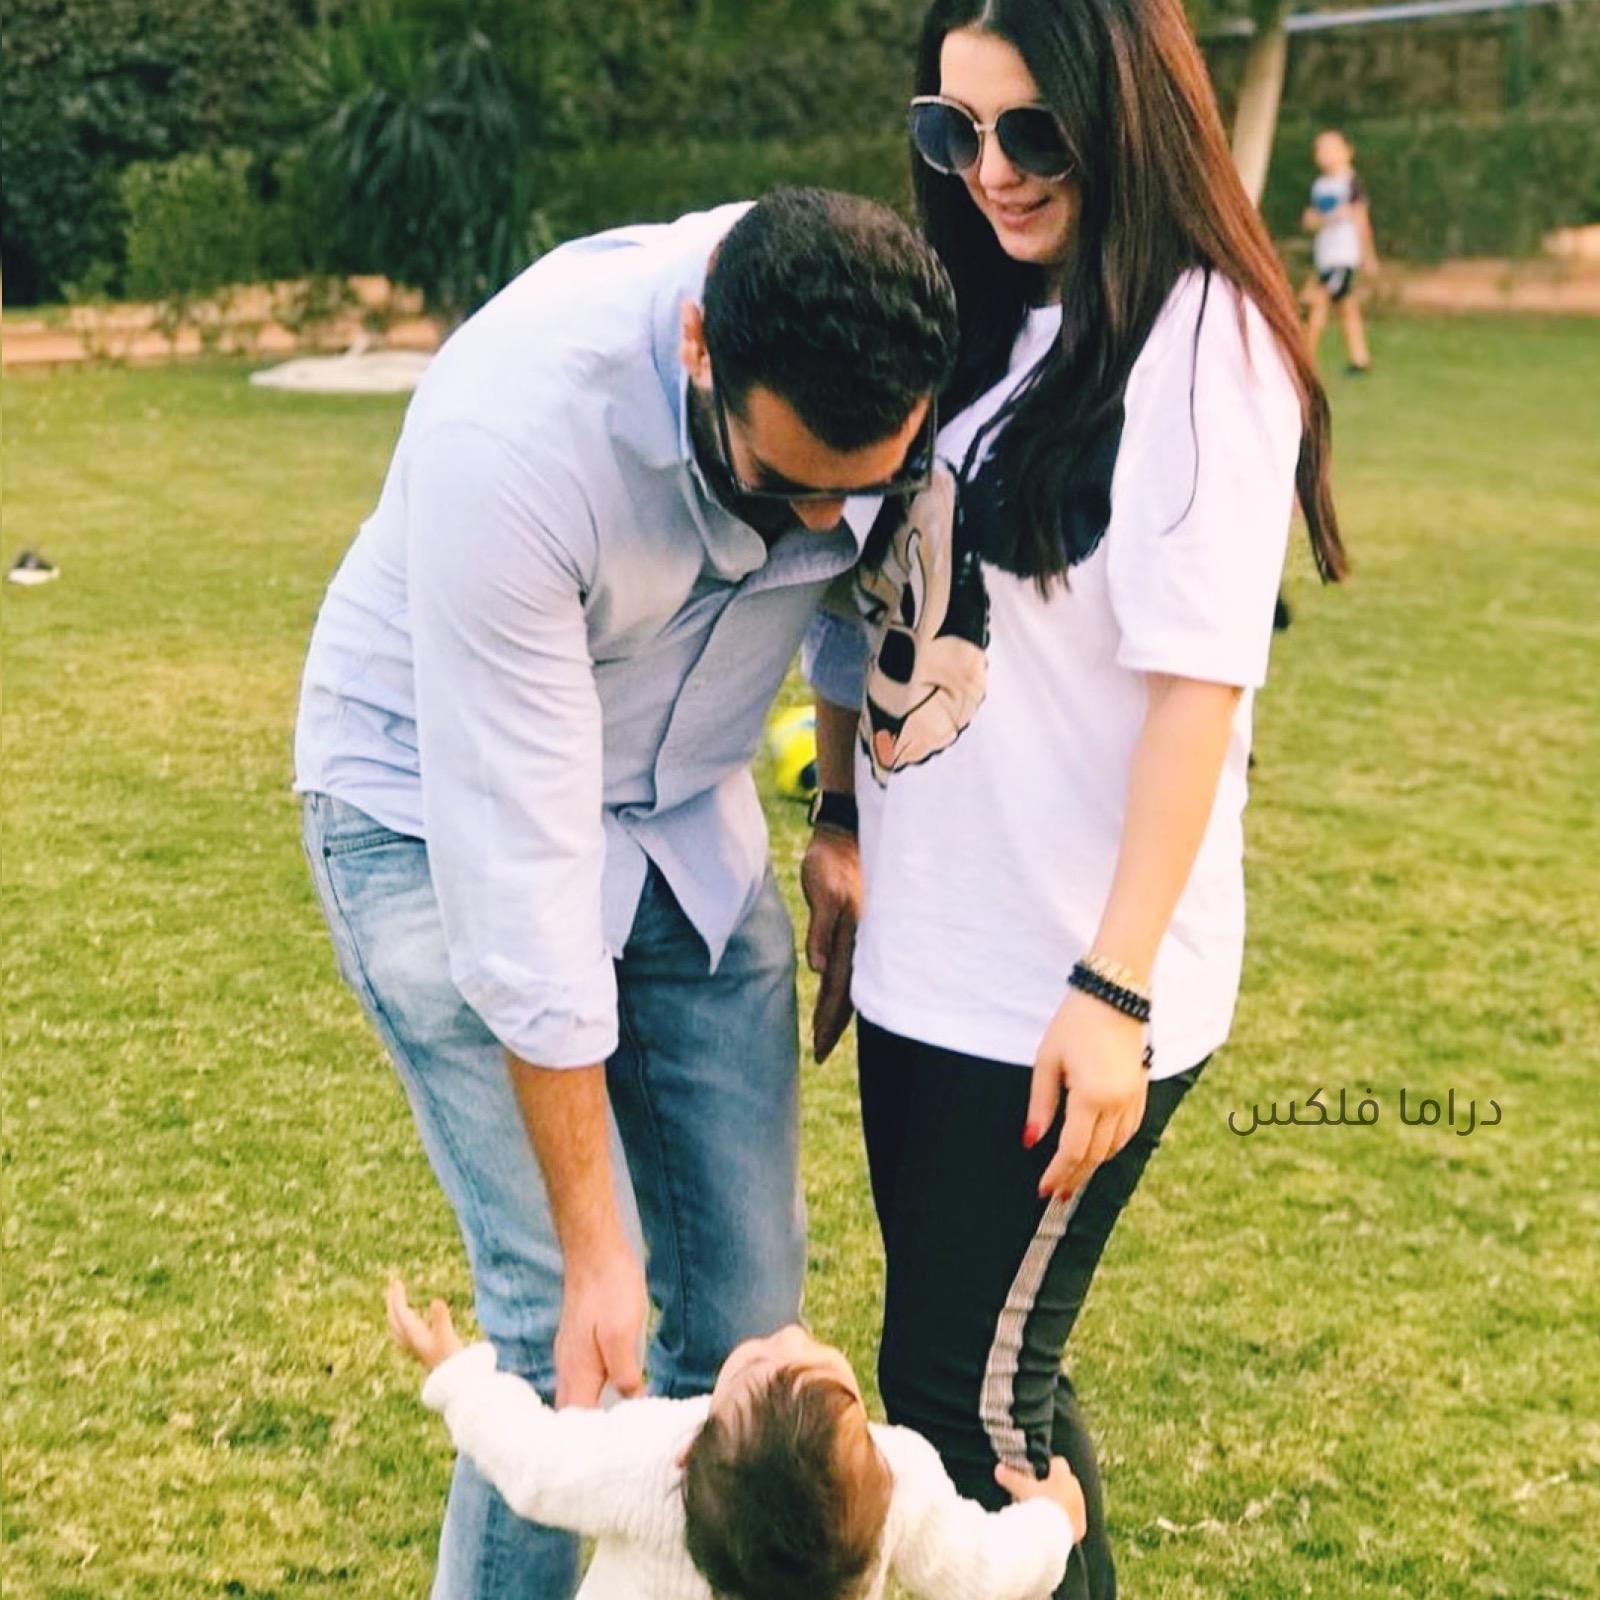 زوجه عمرو يوسف, زوج كندا علوش